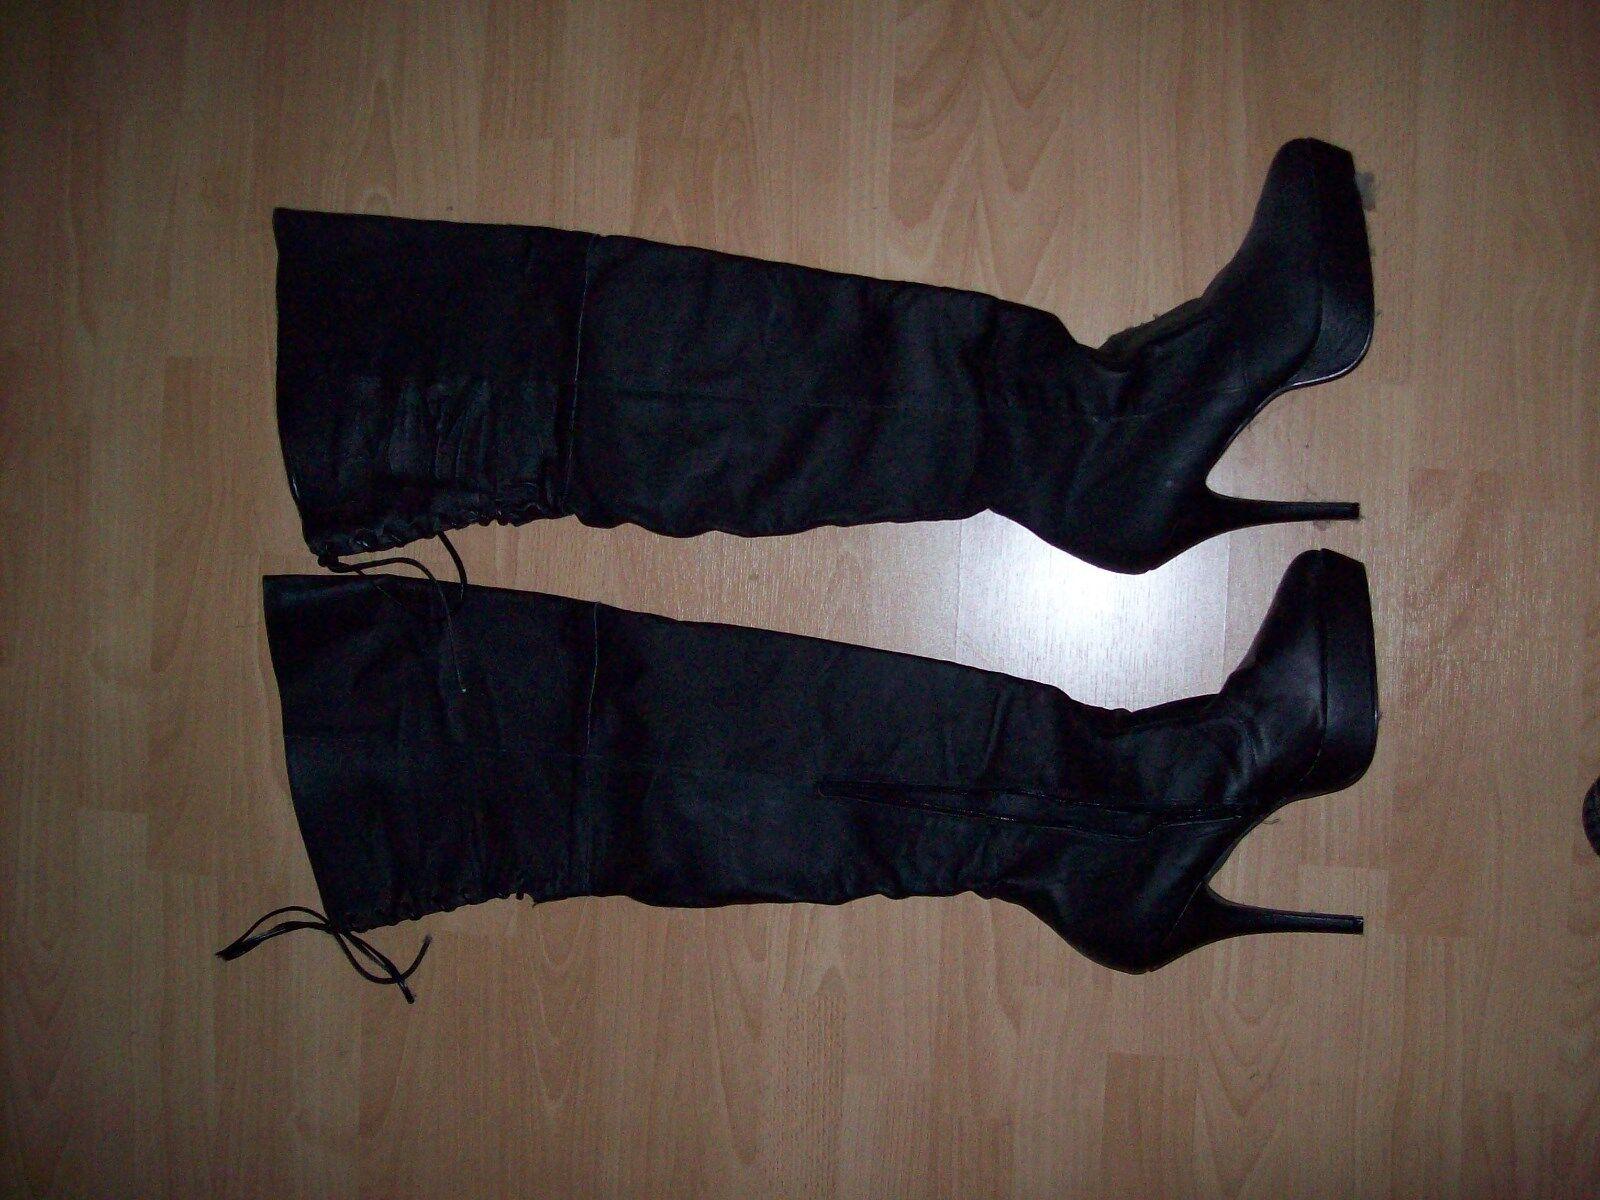 Billig Qualität gute Qualität Billig Leder Overknee Stiefel Gr.44 7193dd